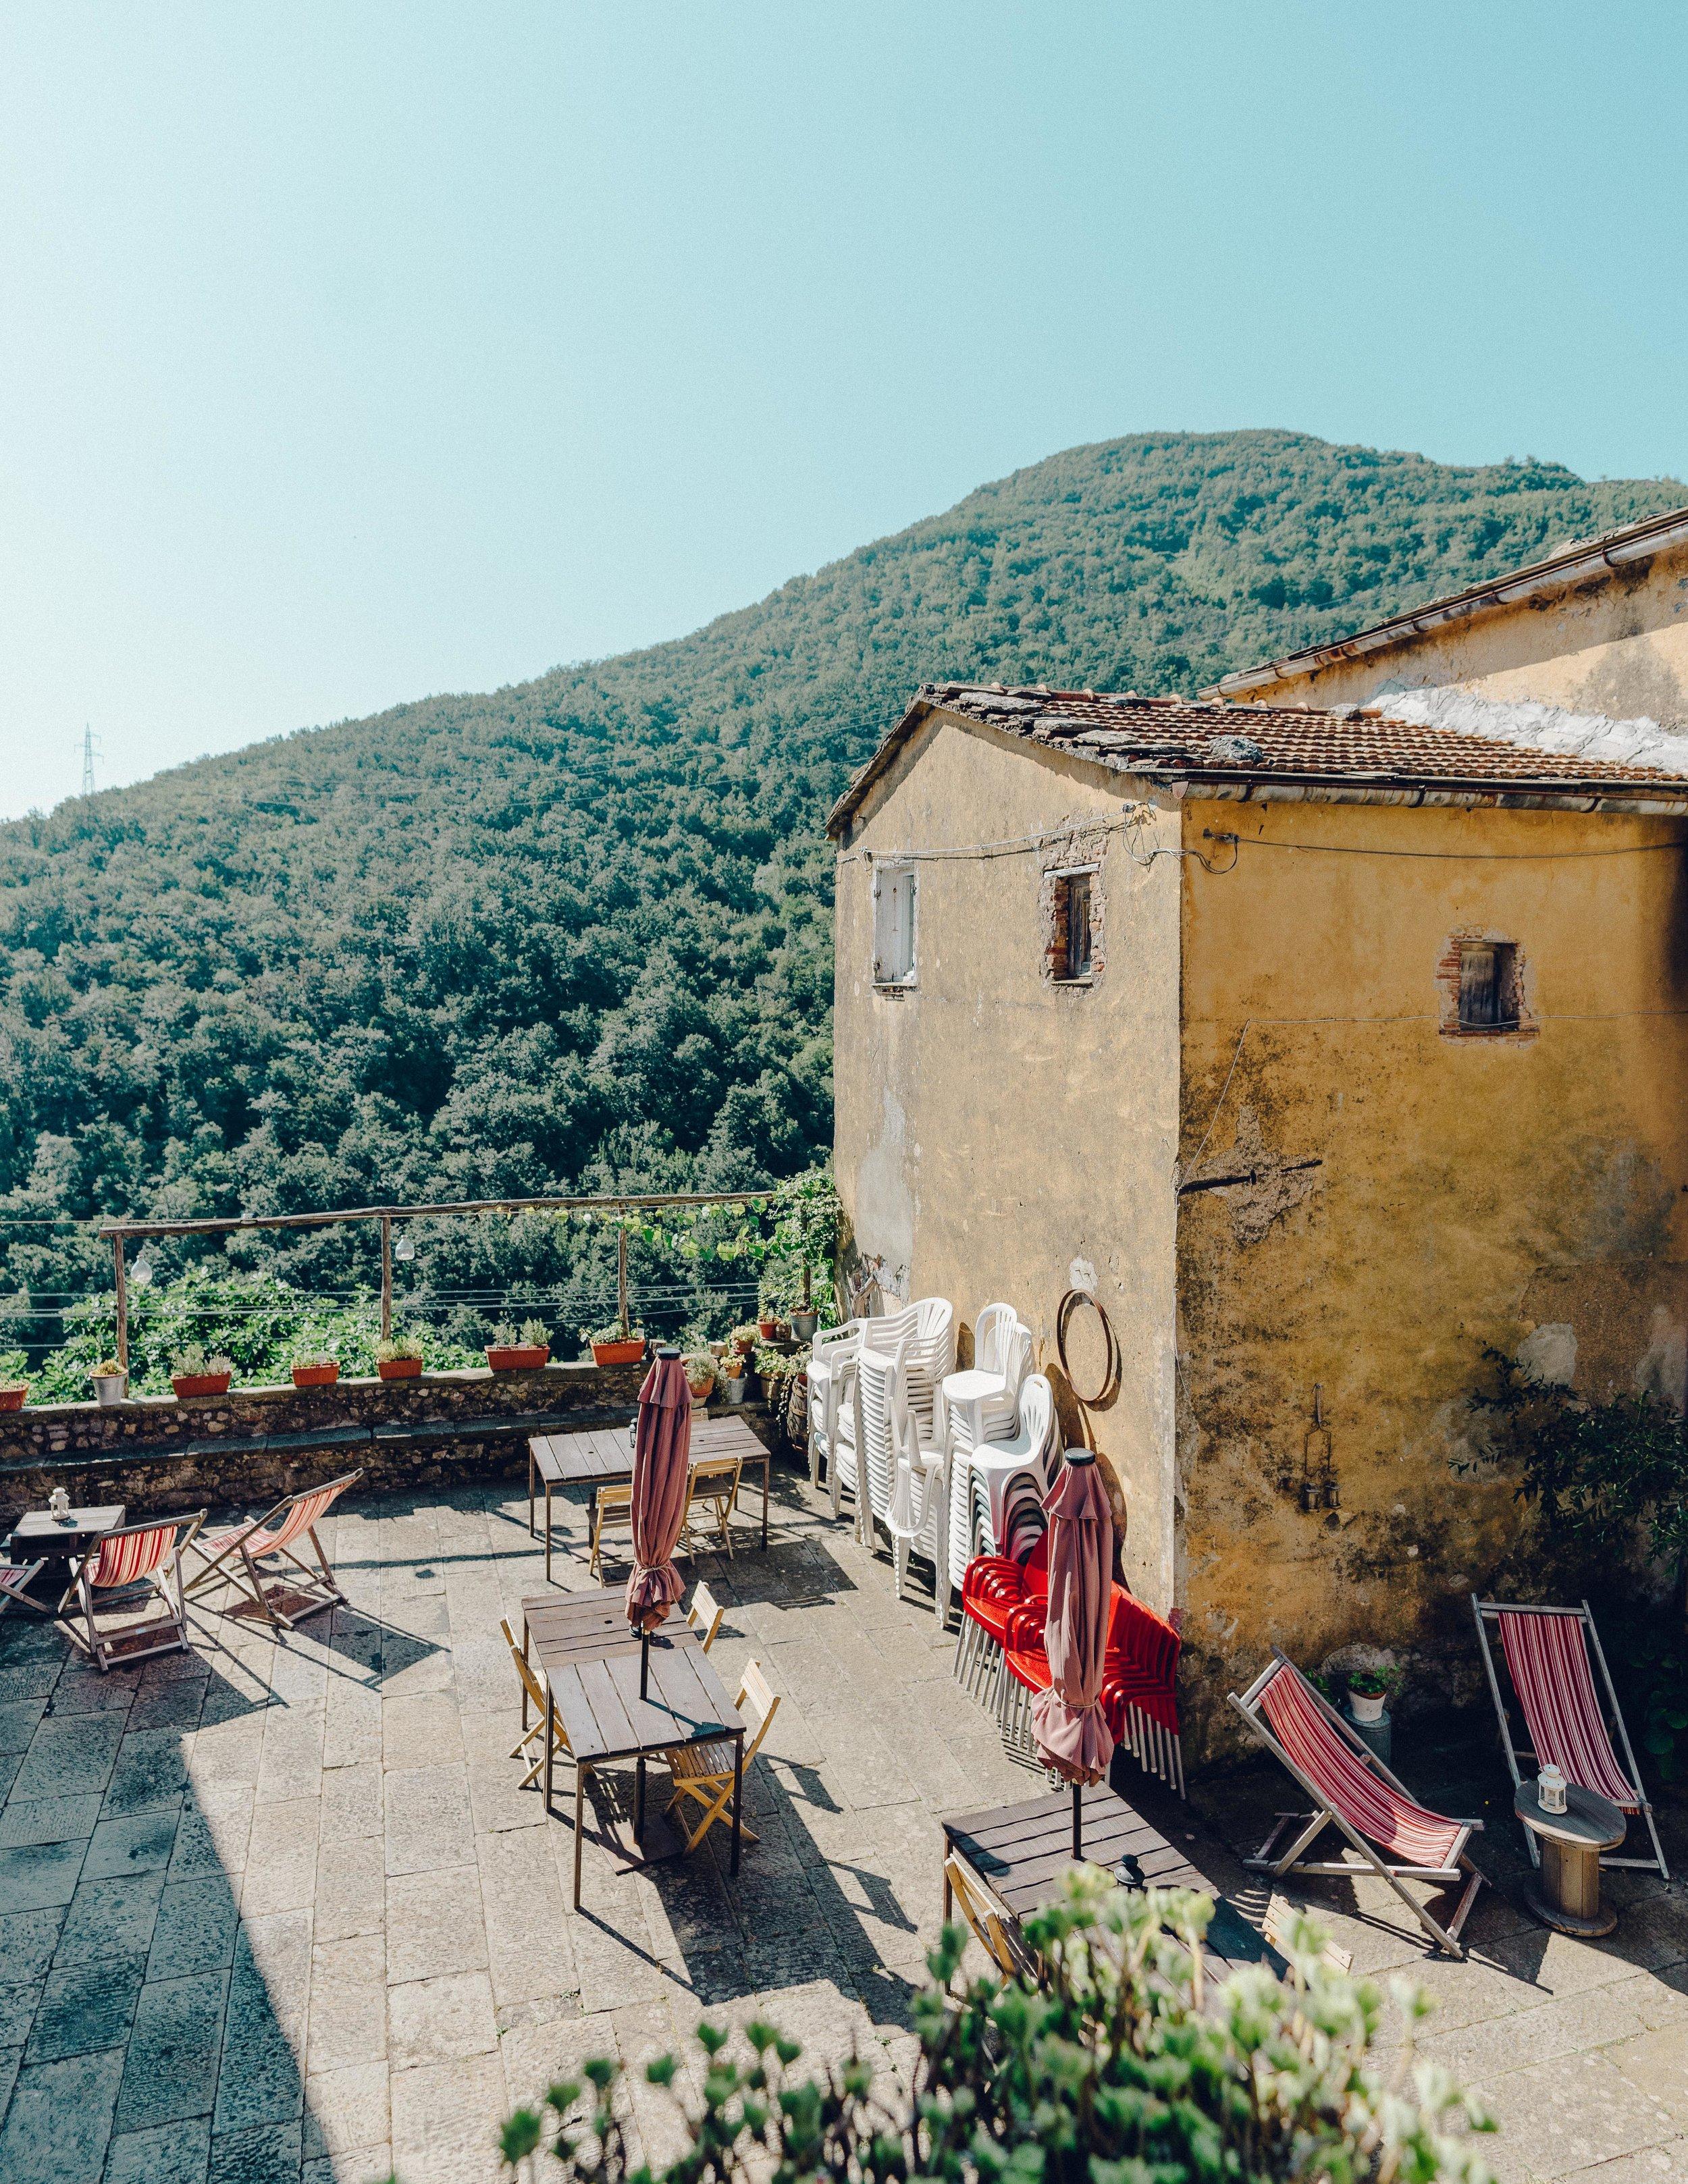 ASROSENVINGE_Roadtrip_Italy_Cinque_Terre_Caste-07748.jpg